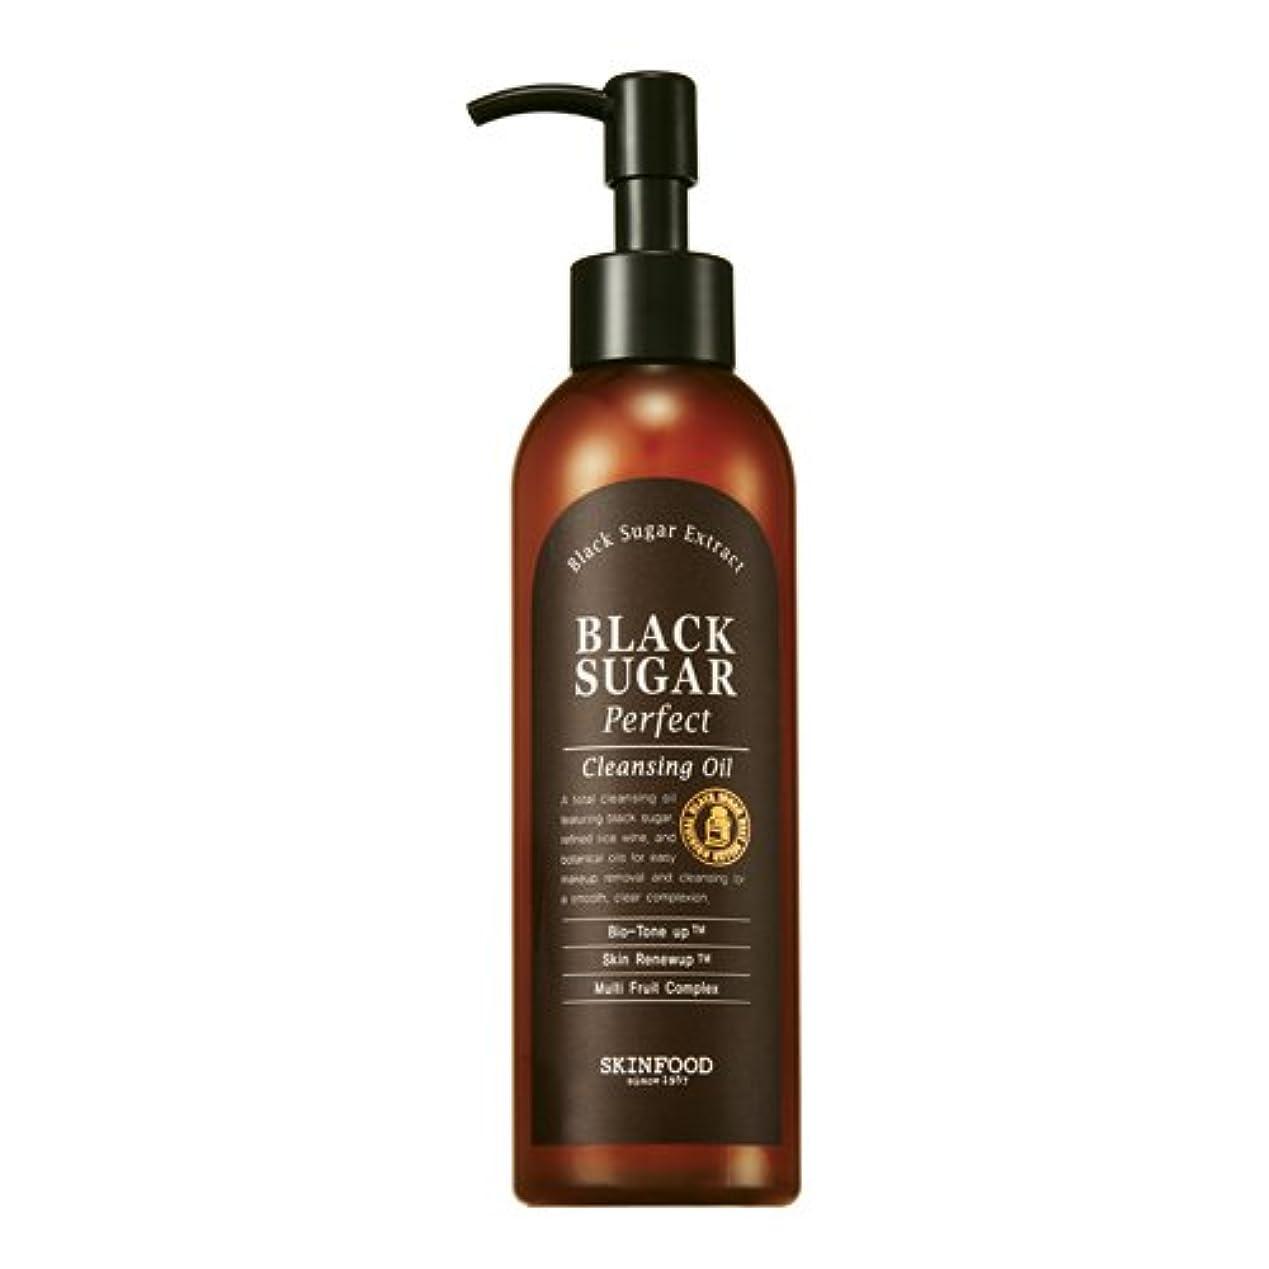 暗殺者受動的膿瘍Skinfood/Black Sugar Perfect Cleansing Oil/ブラックシュガーパーフェクトクレンジングオイル/200ml [並行輸入品]